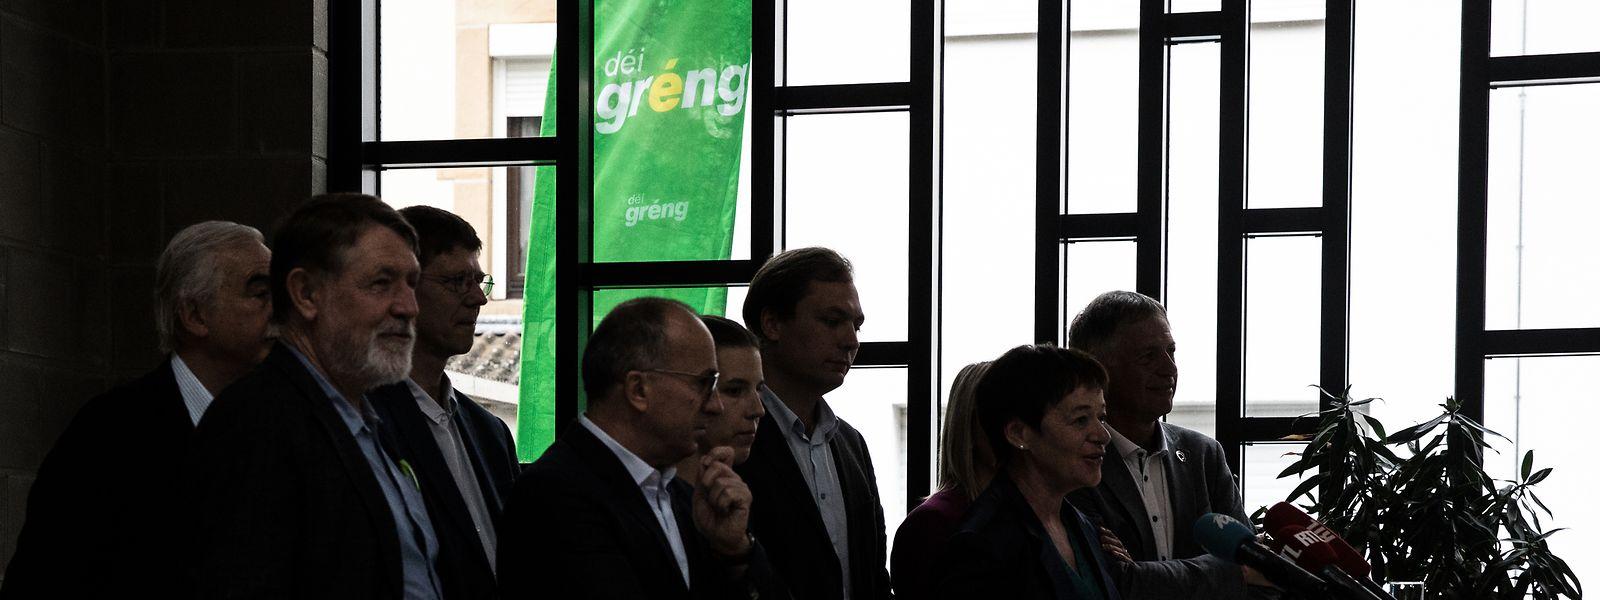 Les Verts lors de leur bilan parlementaire, début août.